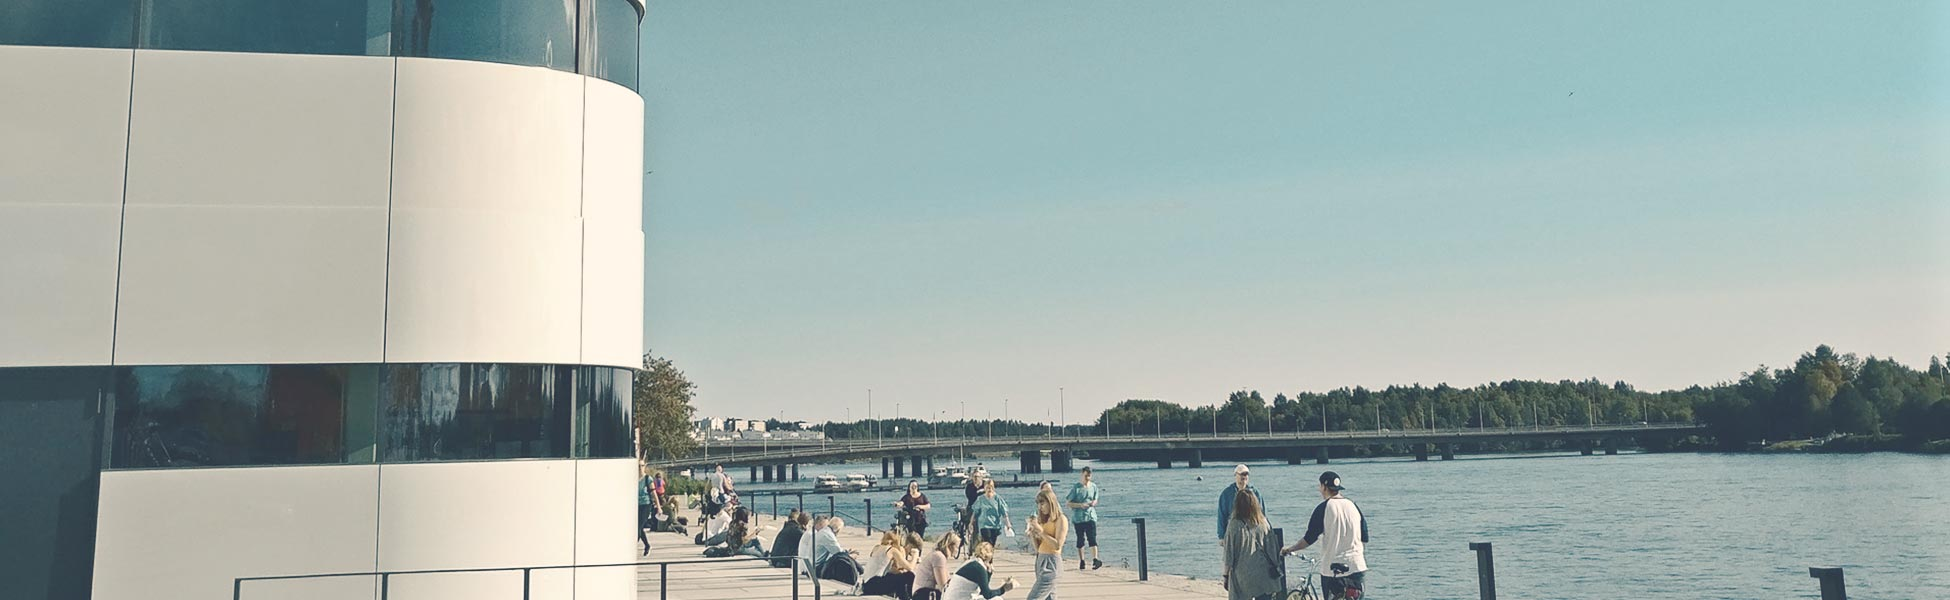 Miljöbild från Umeå där Mål & Vision jobbar med öppenvård och boendestöd